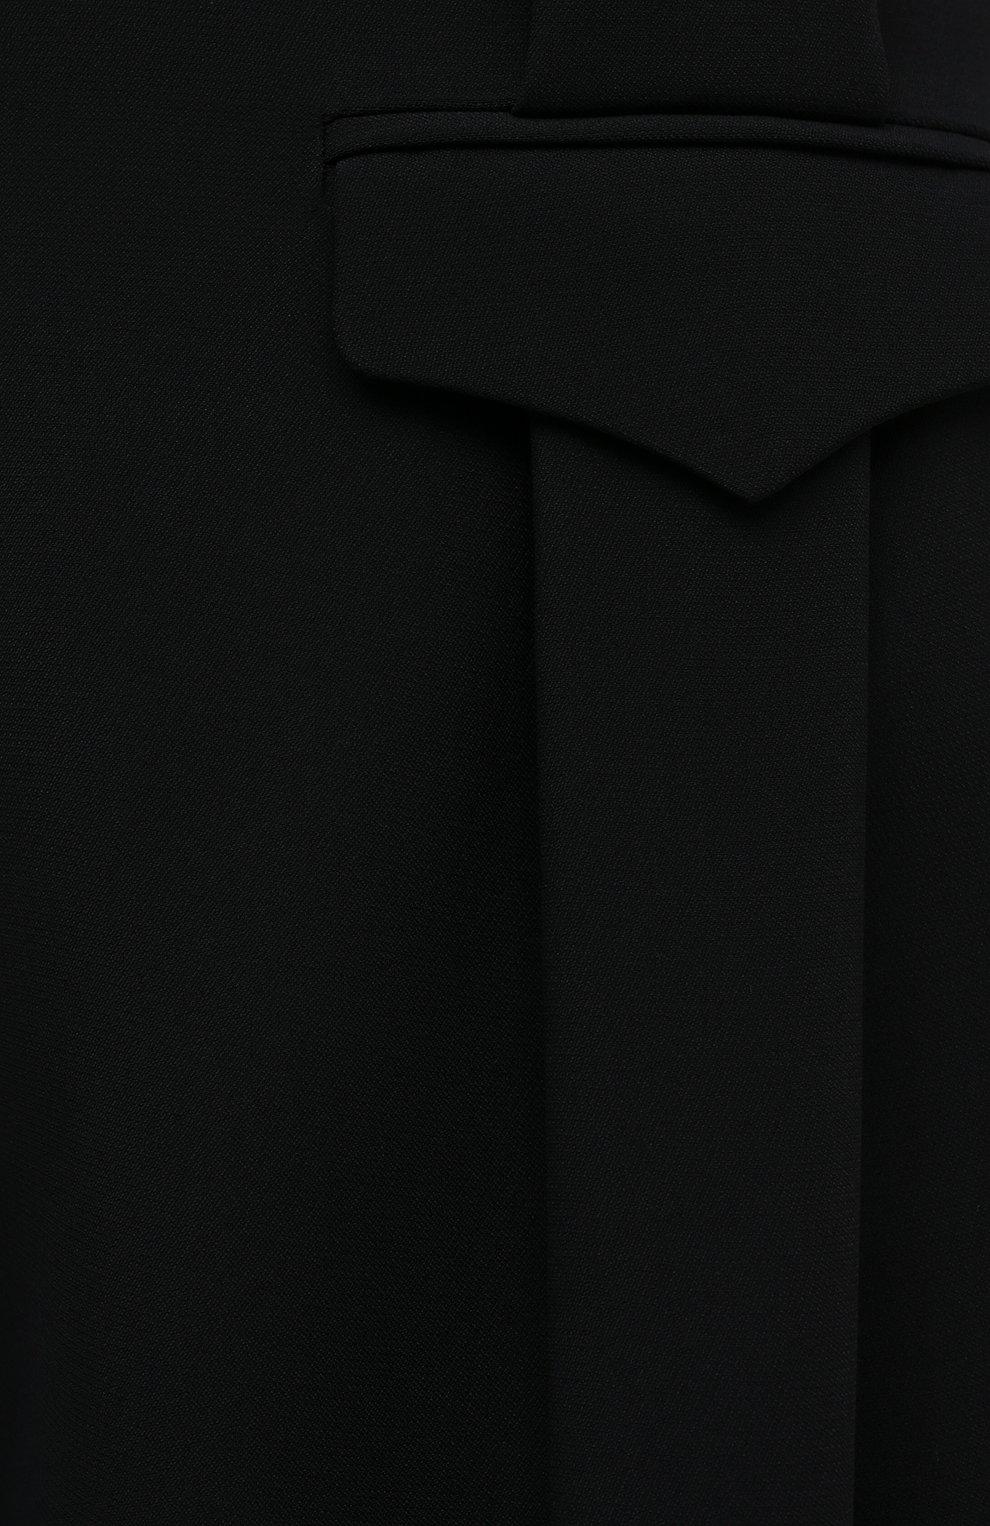 Женские шорты из вискозы и шелка GIORGIO ARMANI черного цвета, арт. 0WHPP0ER/T008A   Фото 5 (Женское Кросс-КТ: Шорты-одежда; Материал внешний: Шелк, Вискоза; Длина Ж (юбки, платья, шорты): Мини; Материал подклада: Купро; Стили: Кэжуэл)